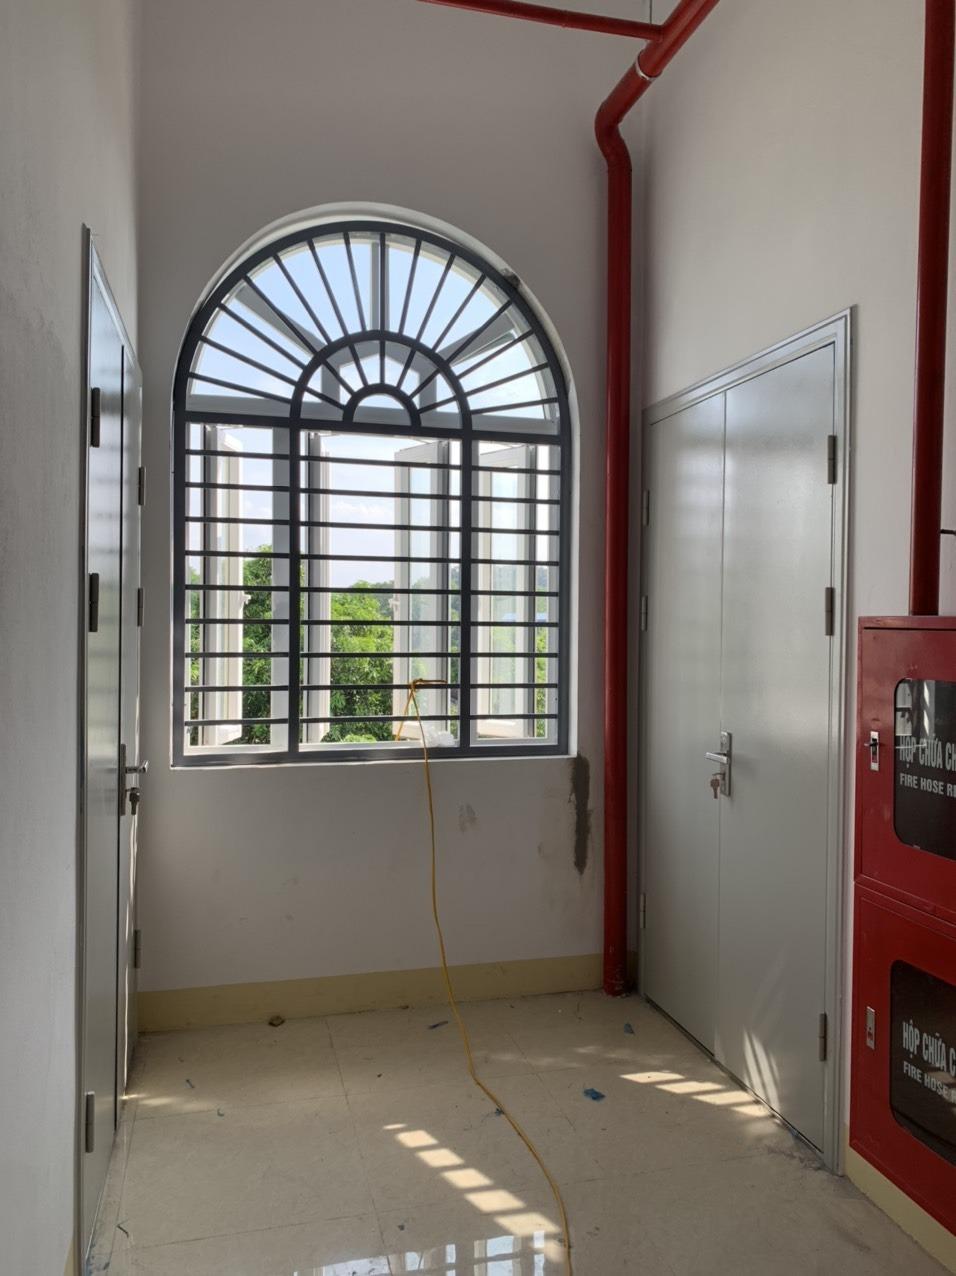 Bộ cửa sắt chống cháy chung cư gồm những gì?